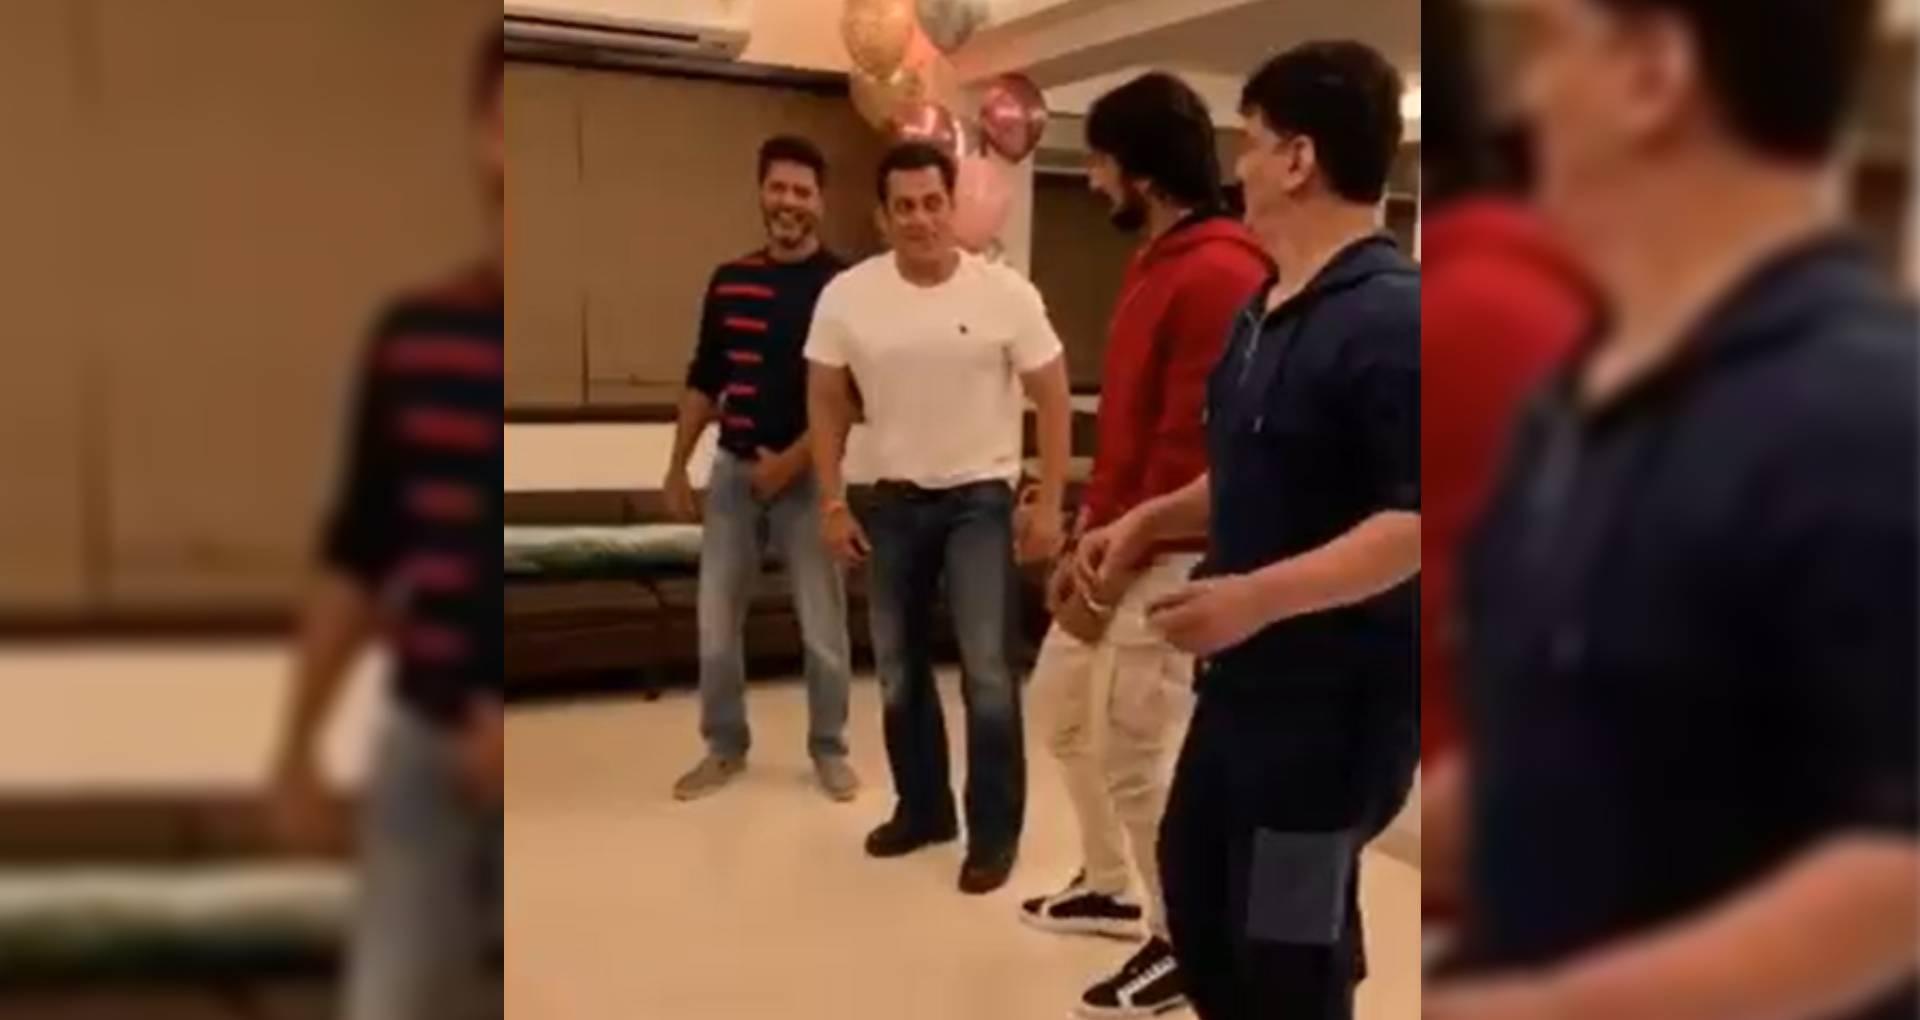 सलमान खान ने दबंग 3 के विलेन के साथ किया दमदार डांस, प्रभु देवा ने सिखाए ये शानदार मूव्स, देखिए वीडियो